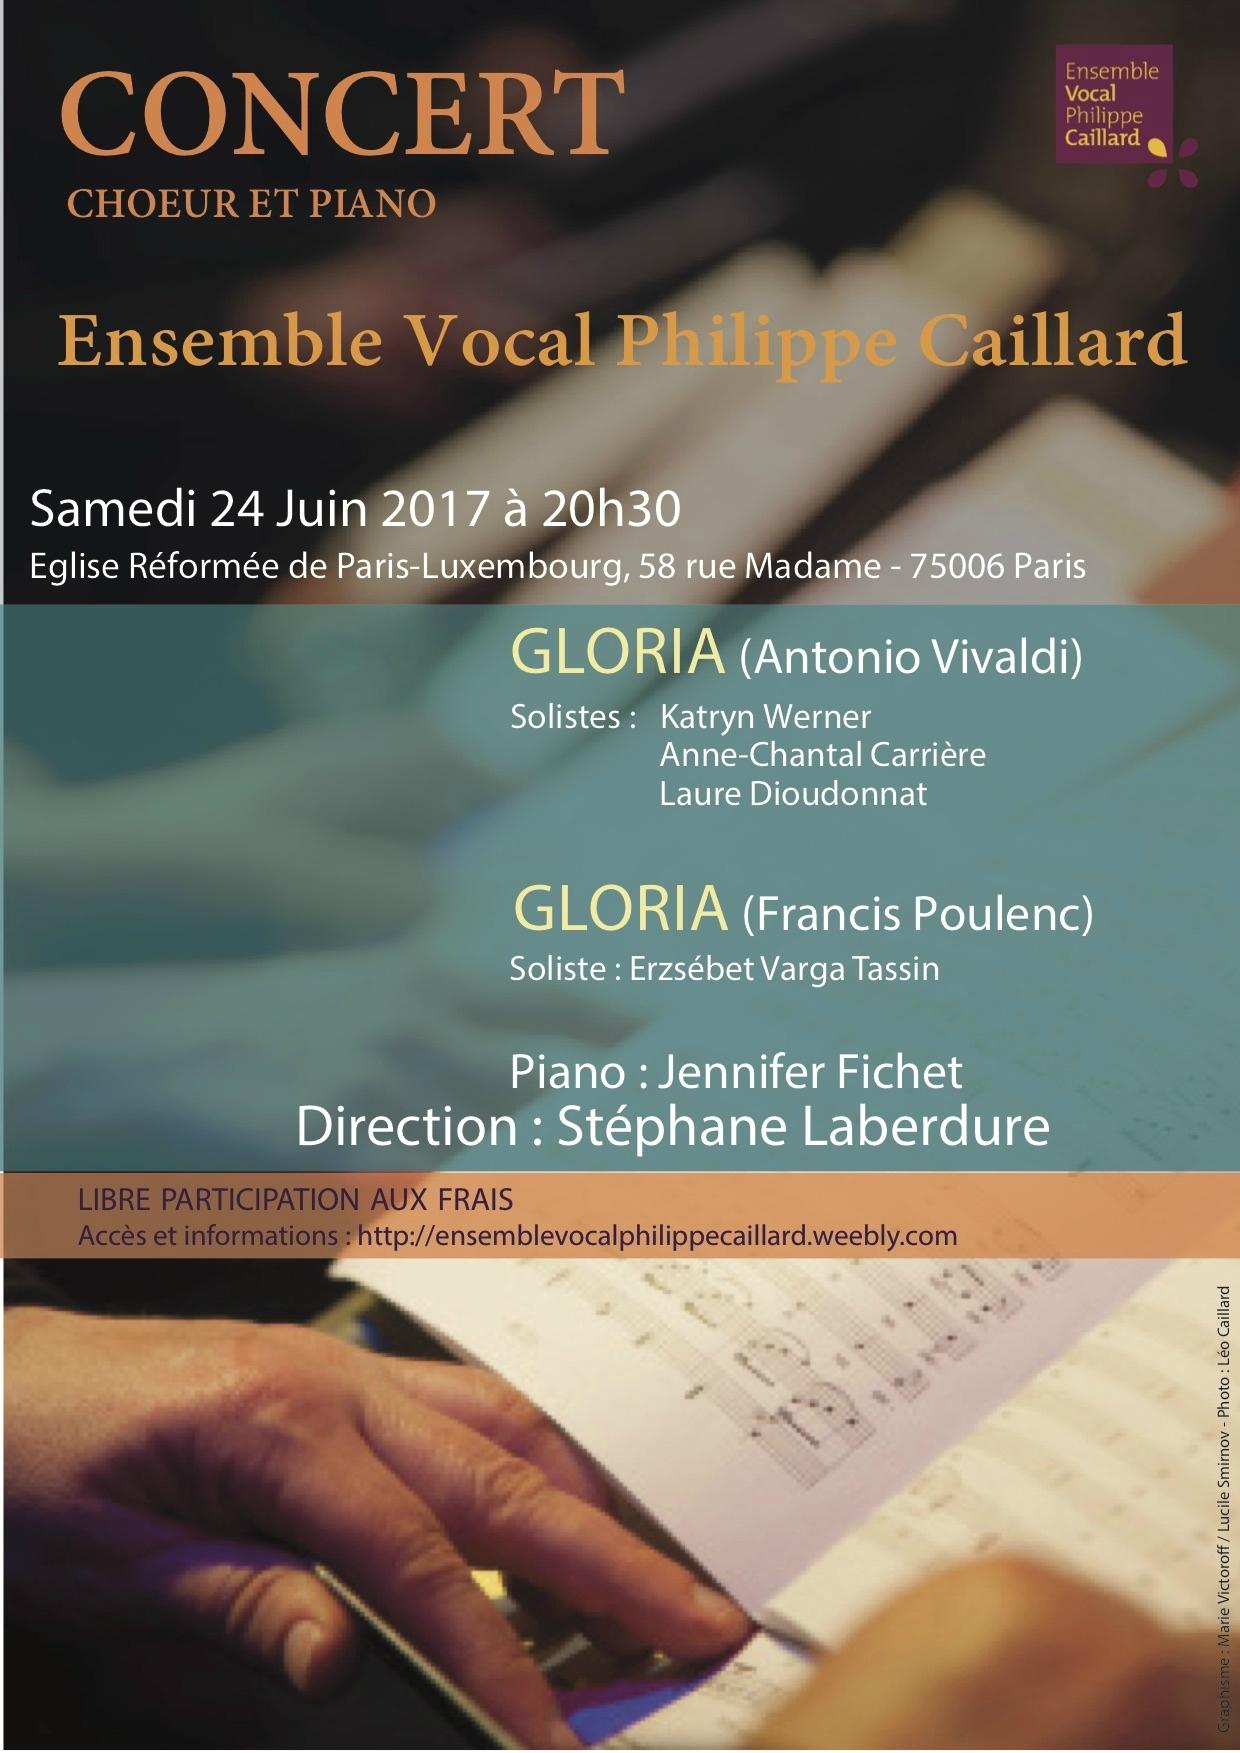 Gloria de Vivaldi, Gloria de Poulenc